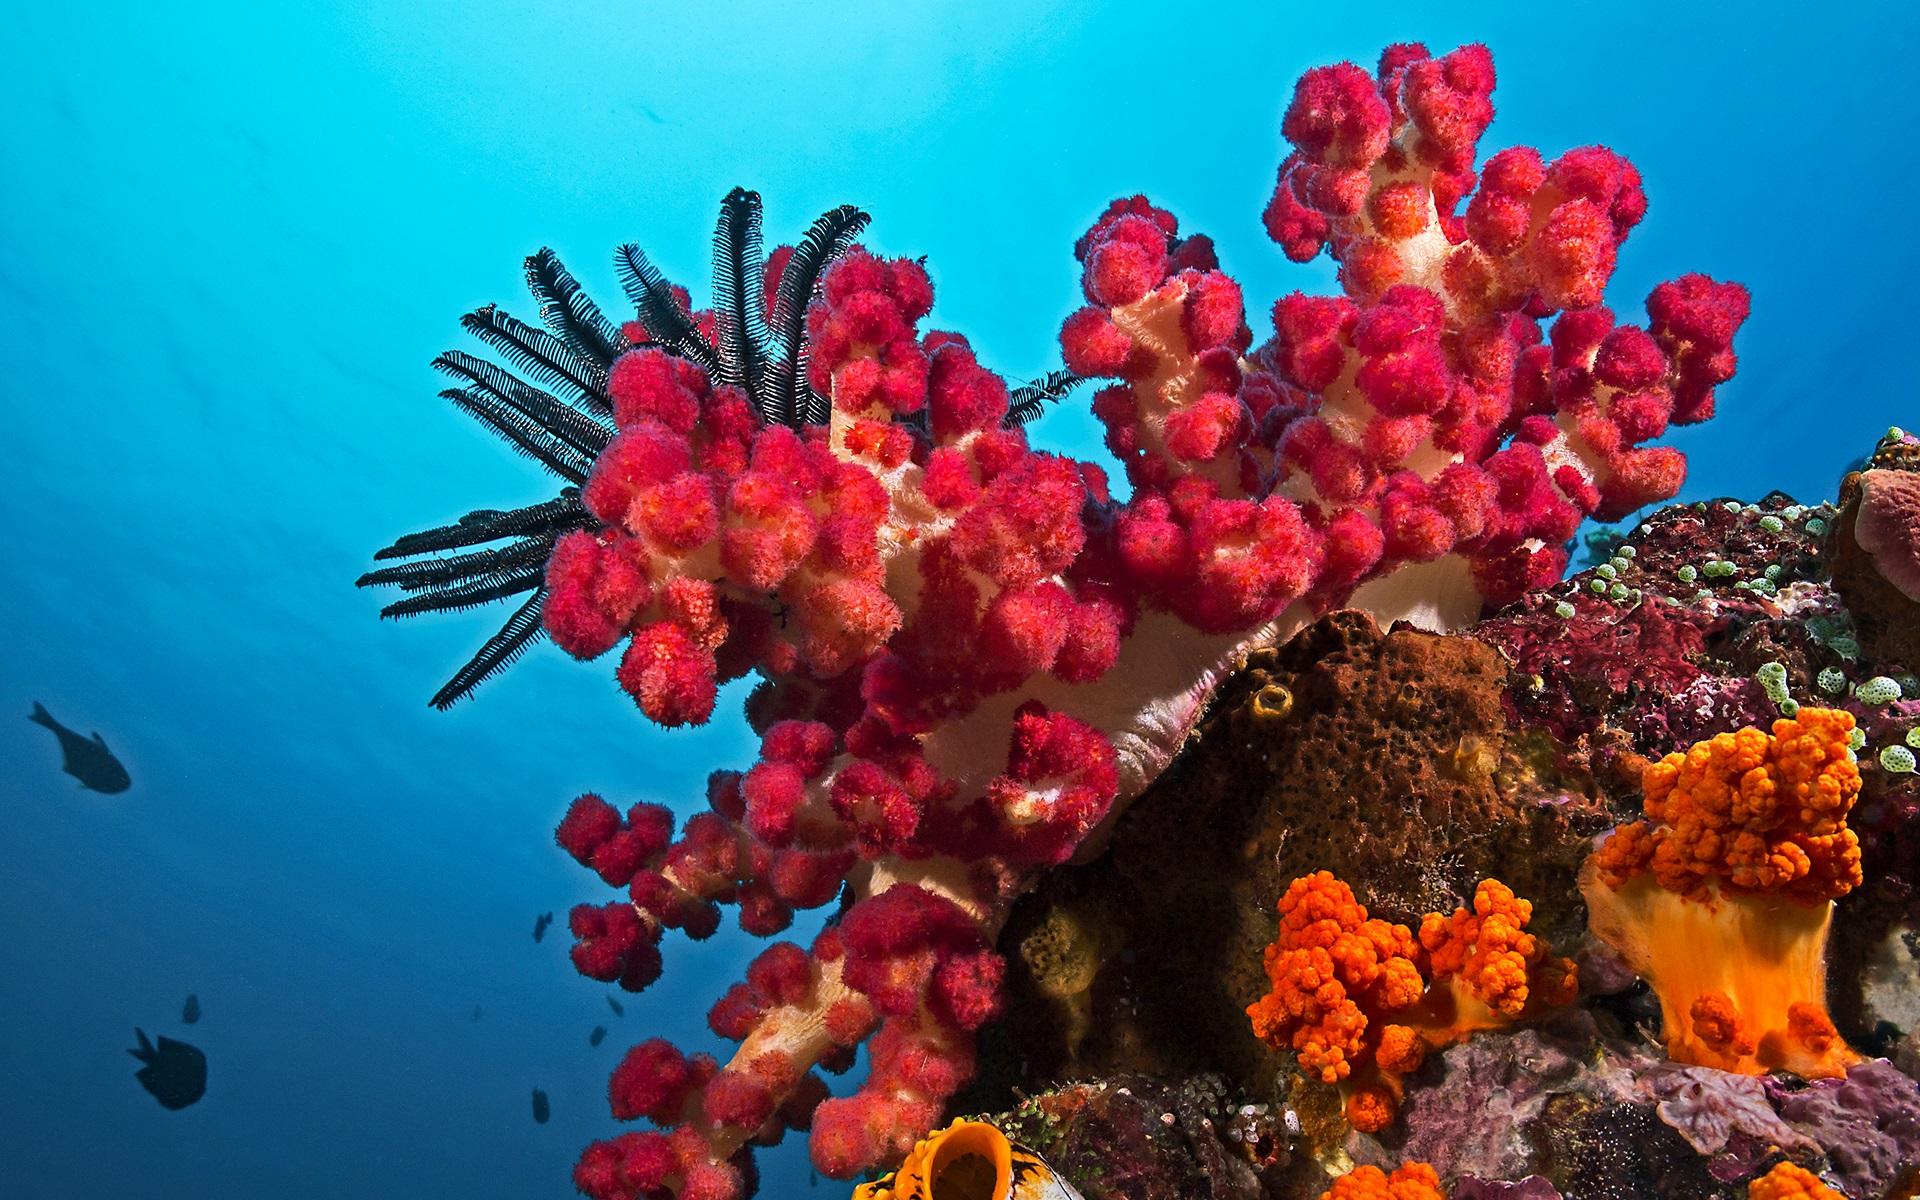 Lại một cây san hô màu đỏ tuyệt đẹp